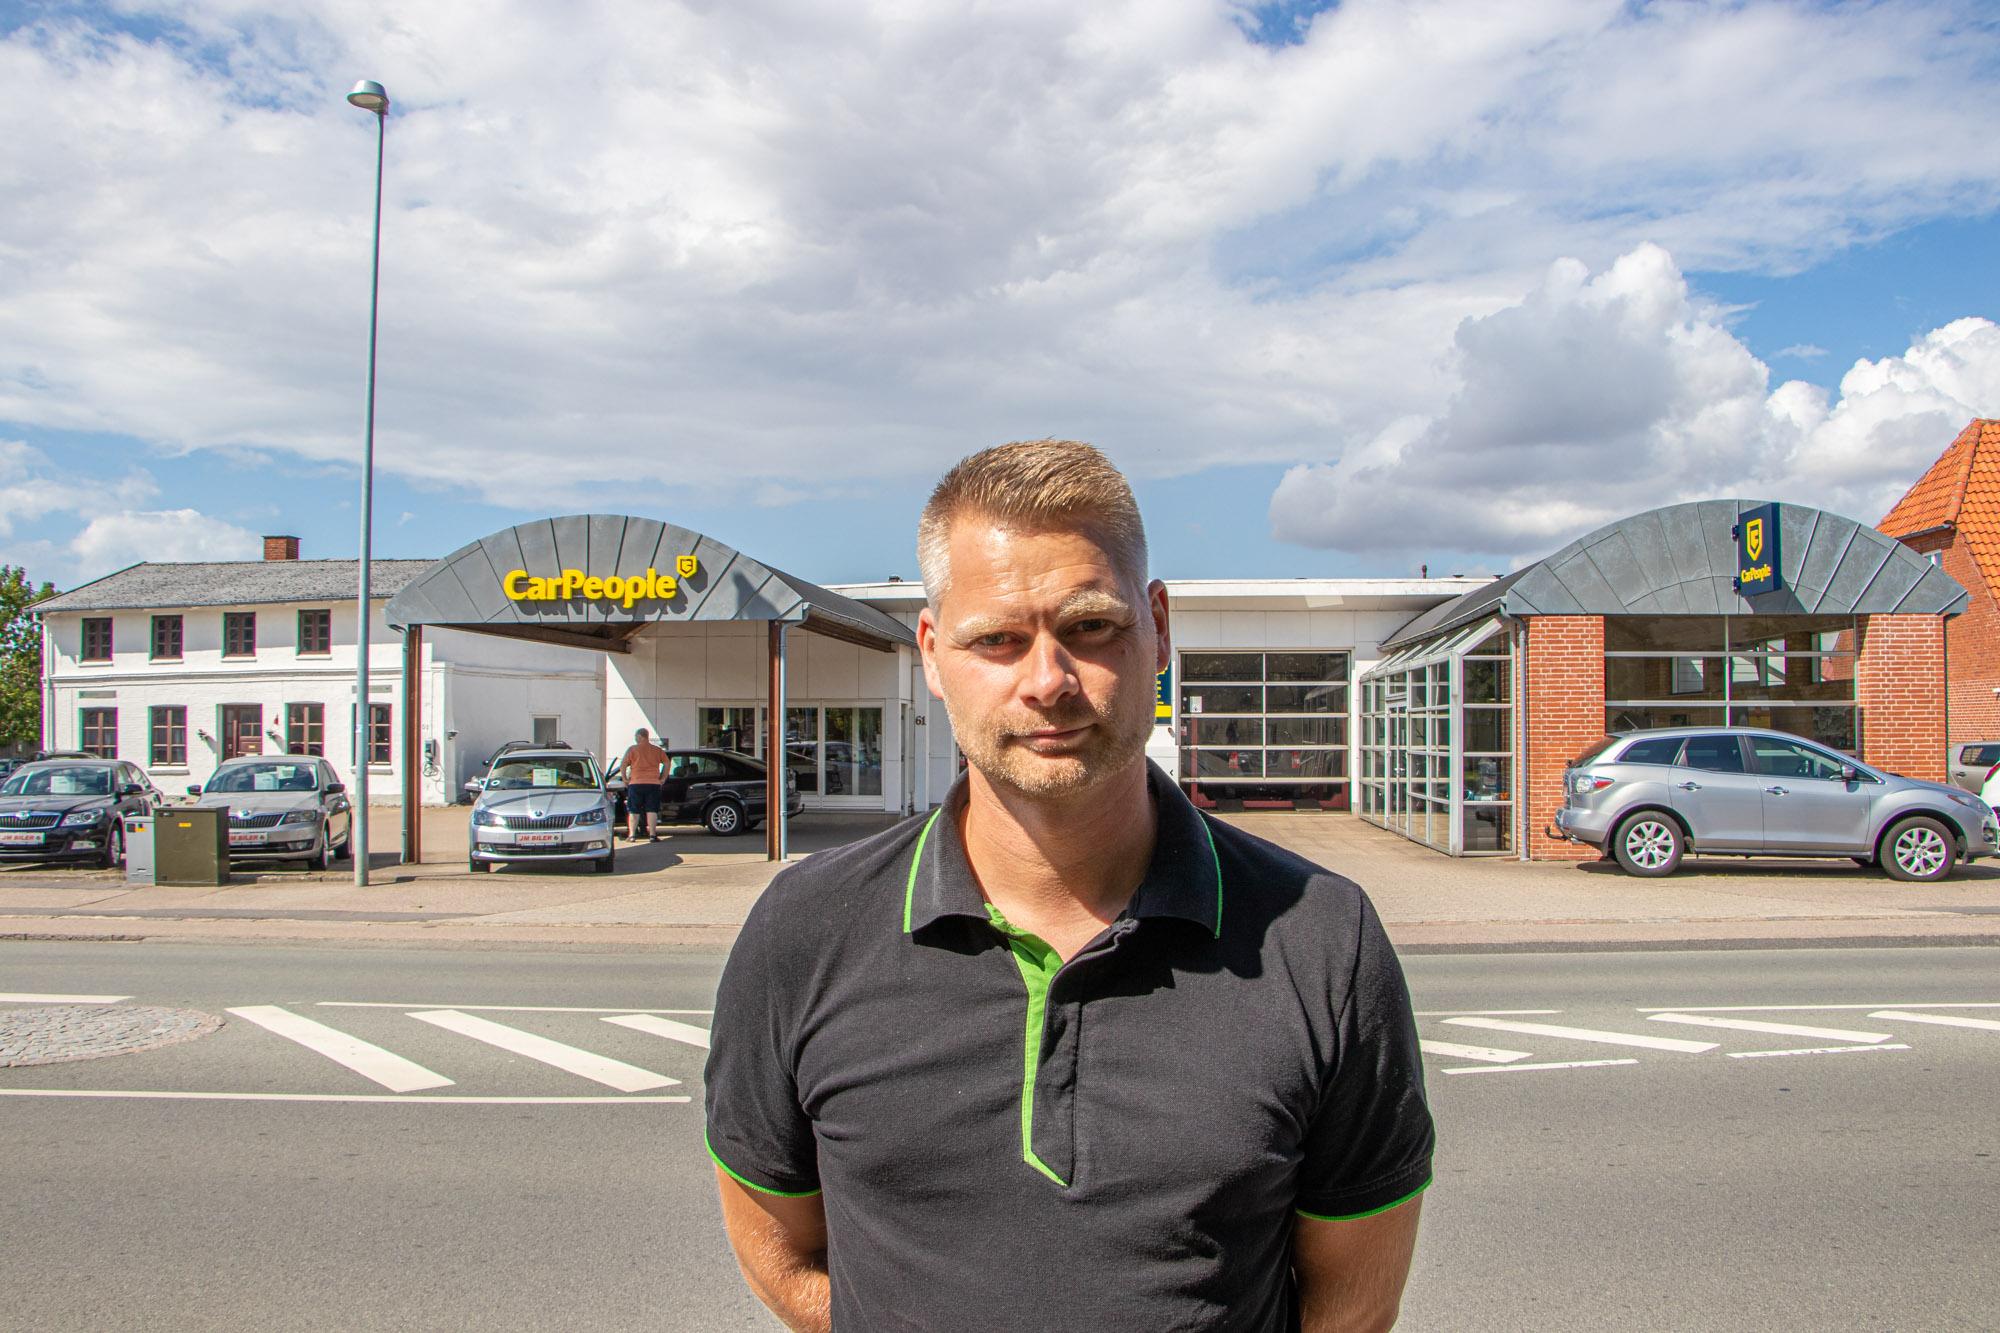 Thomas Møller foran bilhuset JM Biler, der er en del af værkstedskæden CarPeople.